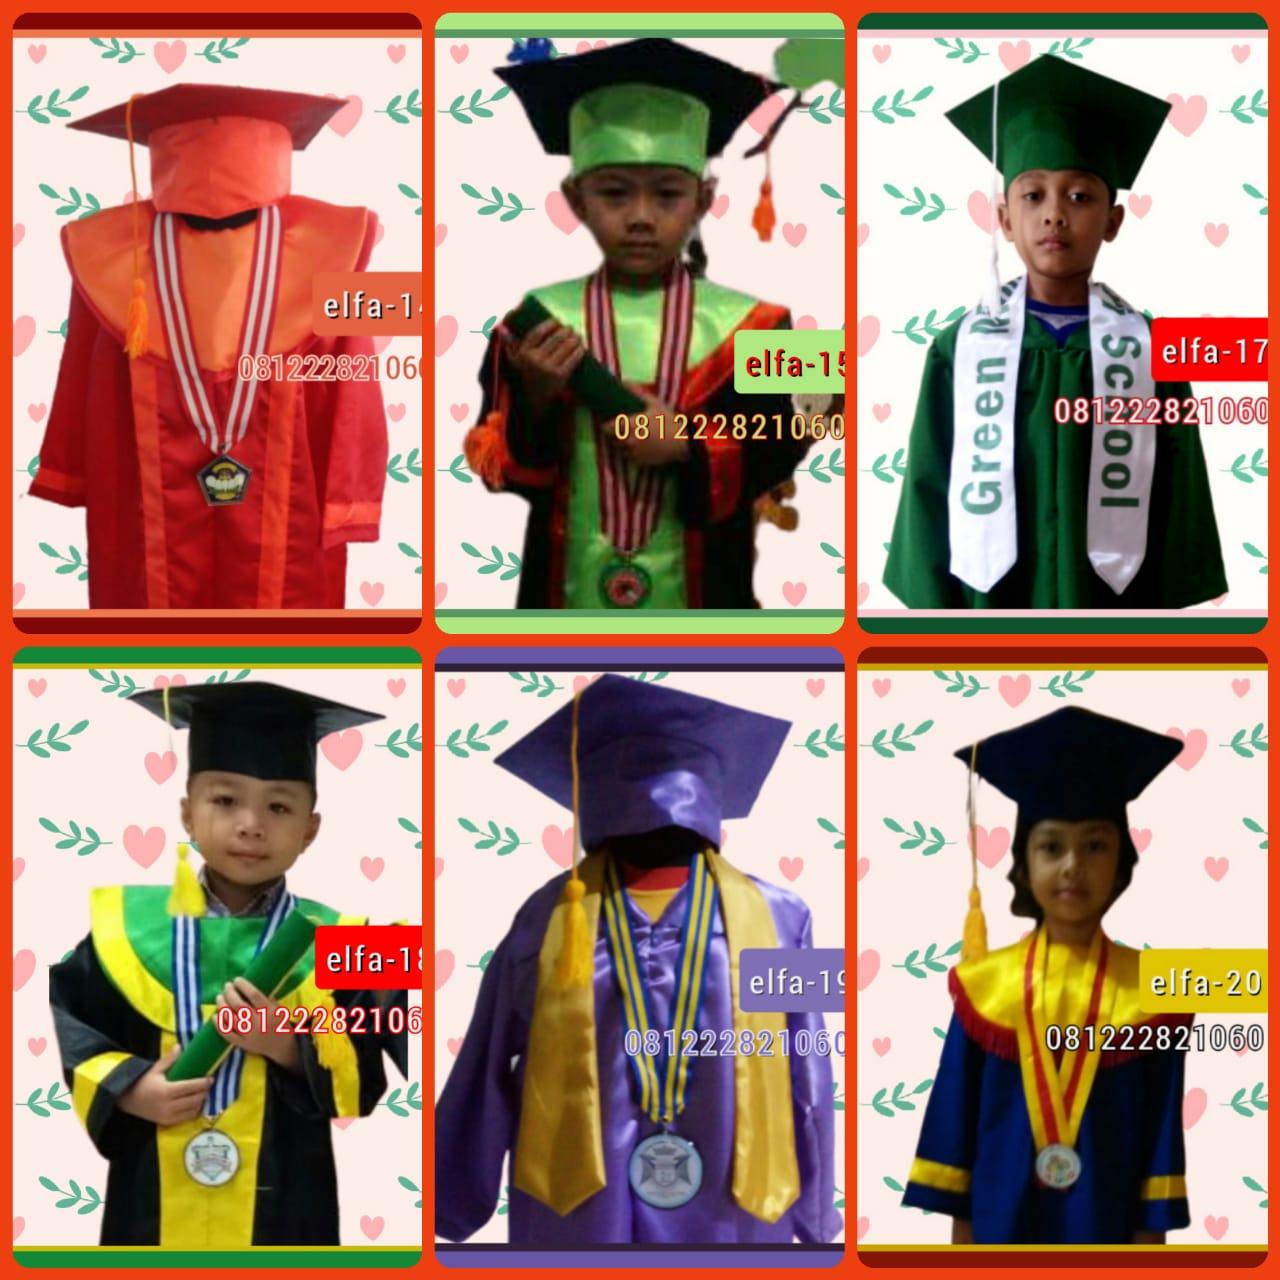 gambar baju seragam sekolah tk murah Cisoka Kab. Tangerang